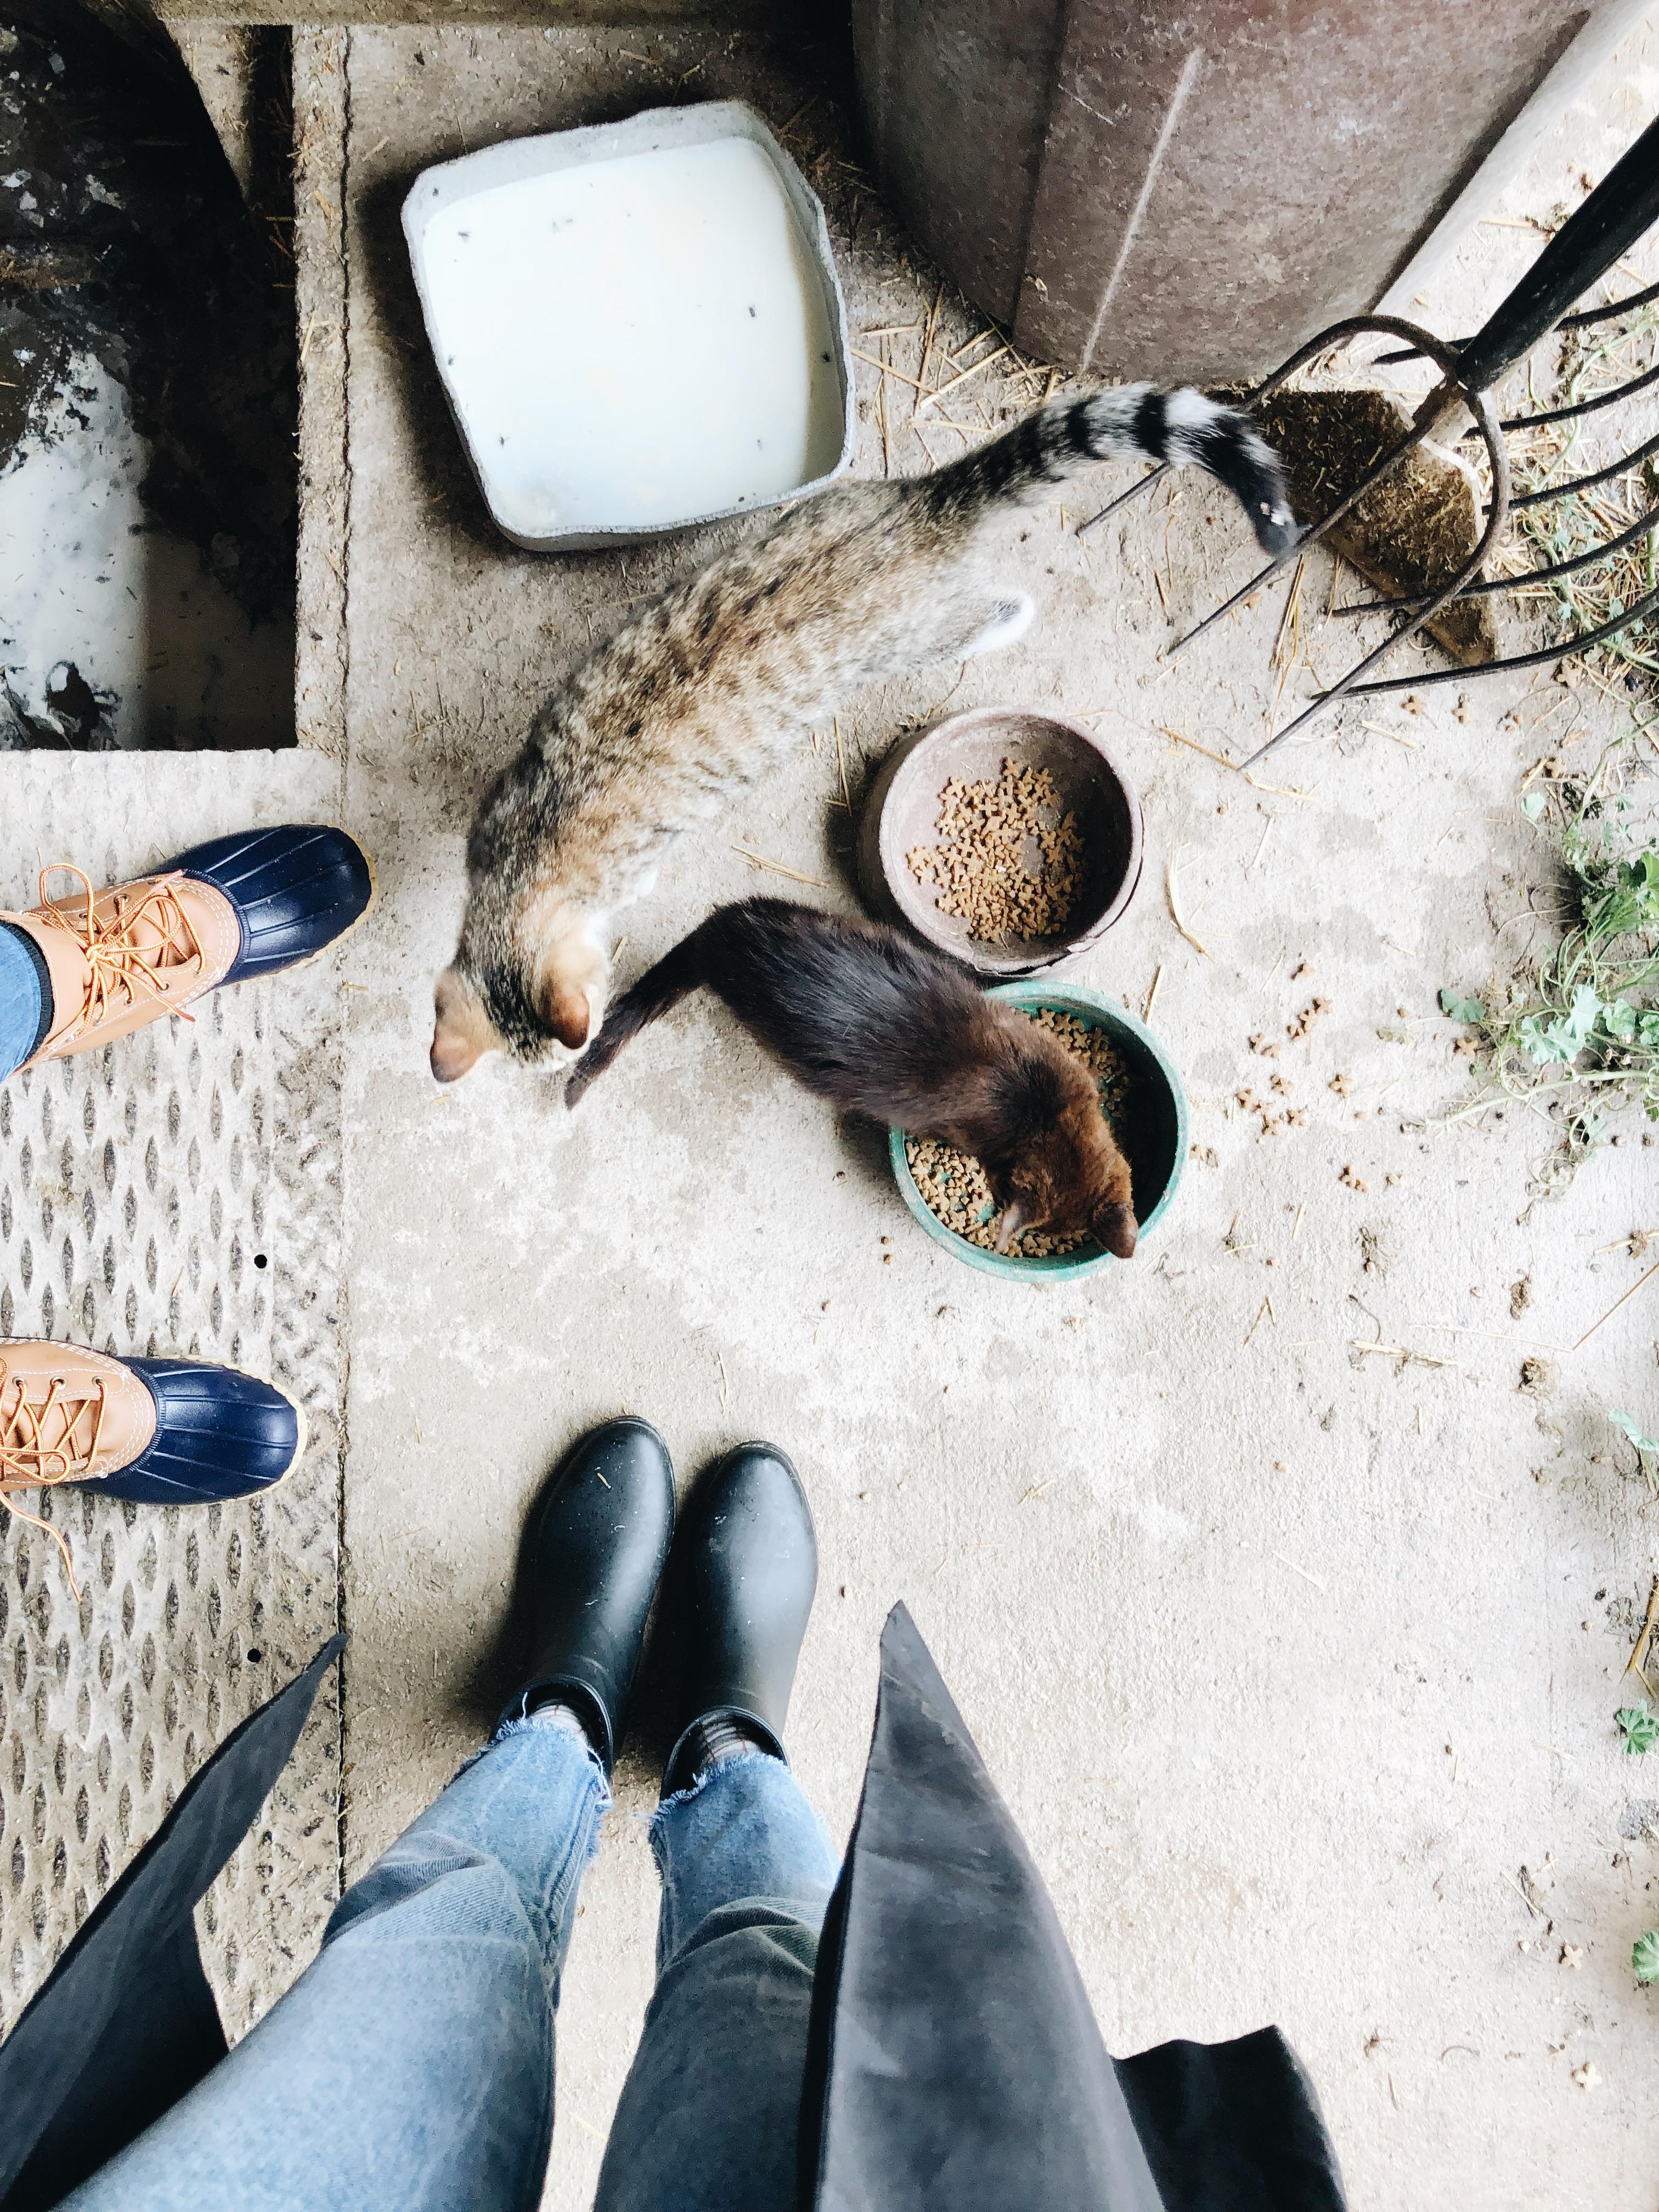 feet and kitties